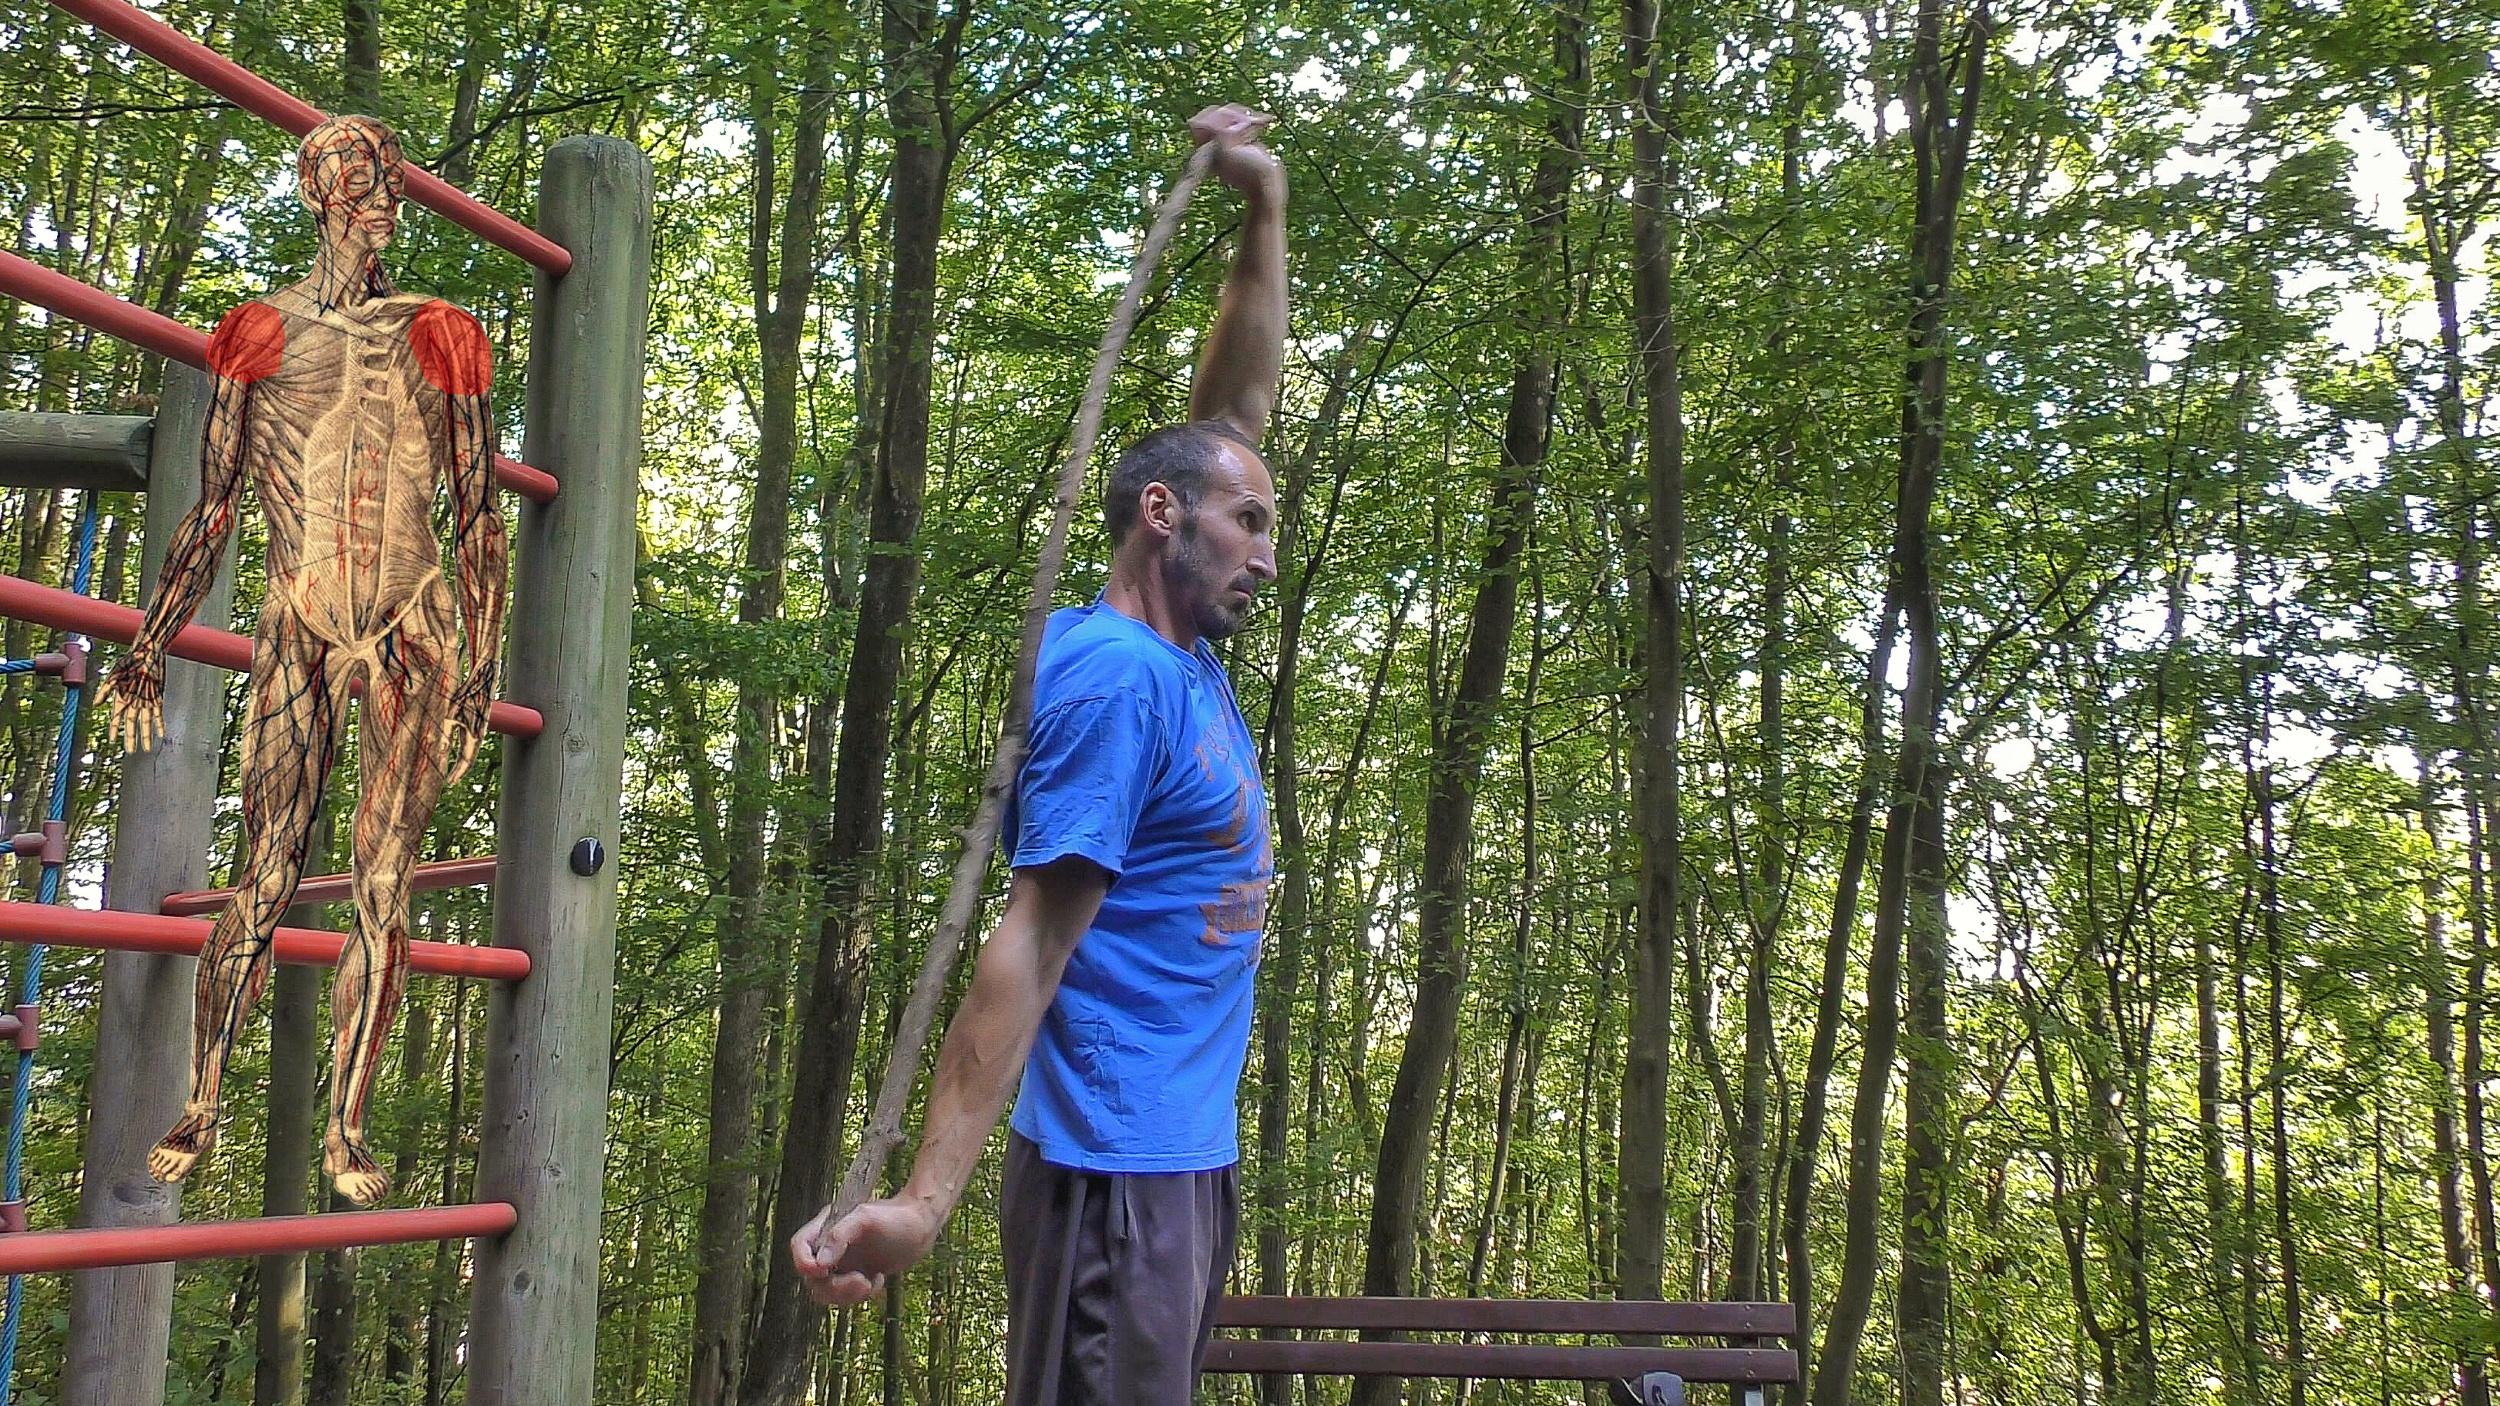 Verletzungsprophylaxe durch Beweglichkeit - Übung 11 - Stock- oder Therabandkreisen - vorwärts, rückwärts, diagonal - Schulter